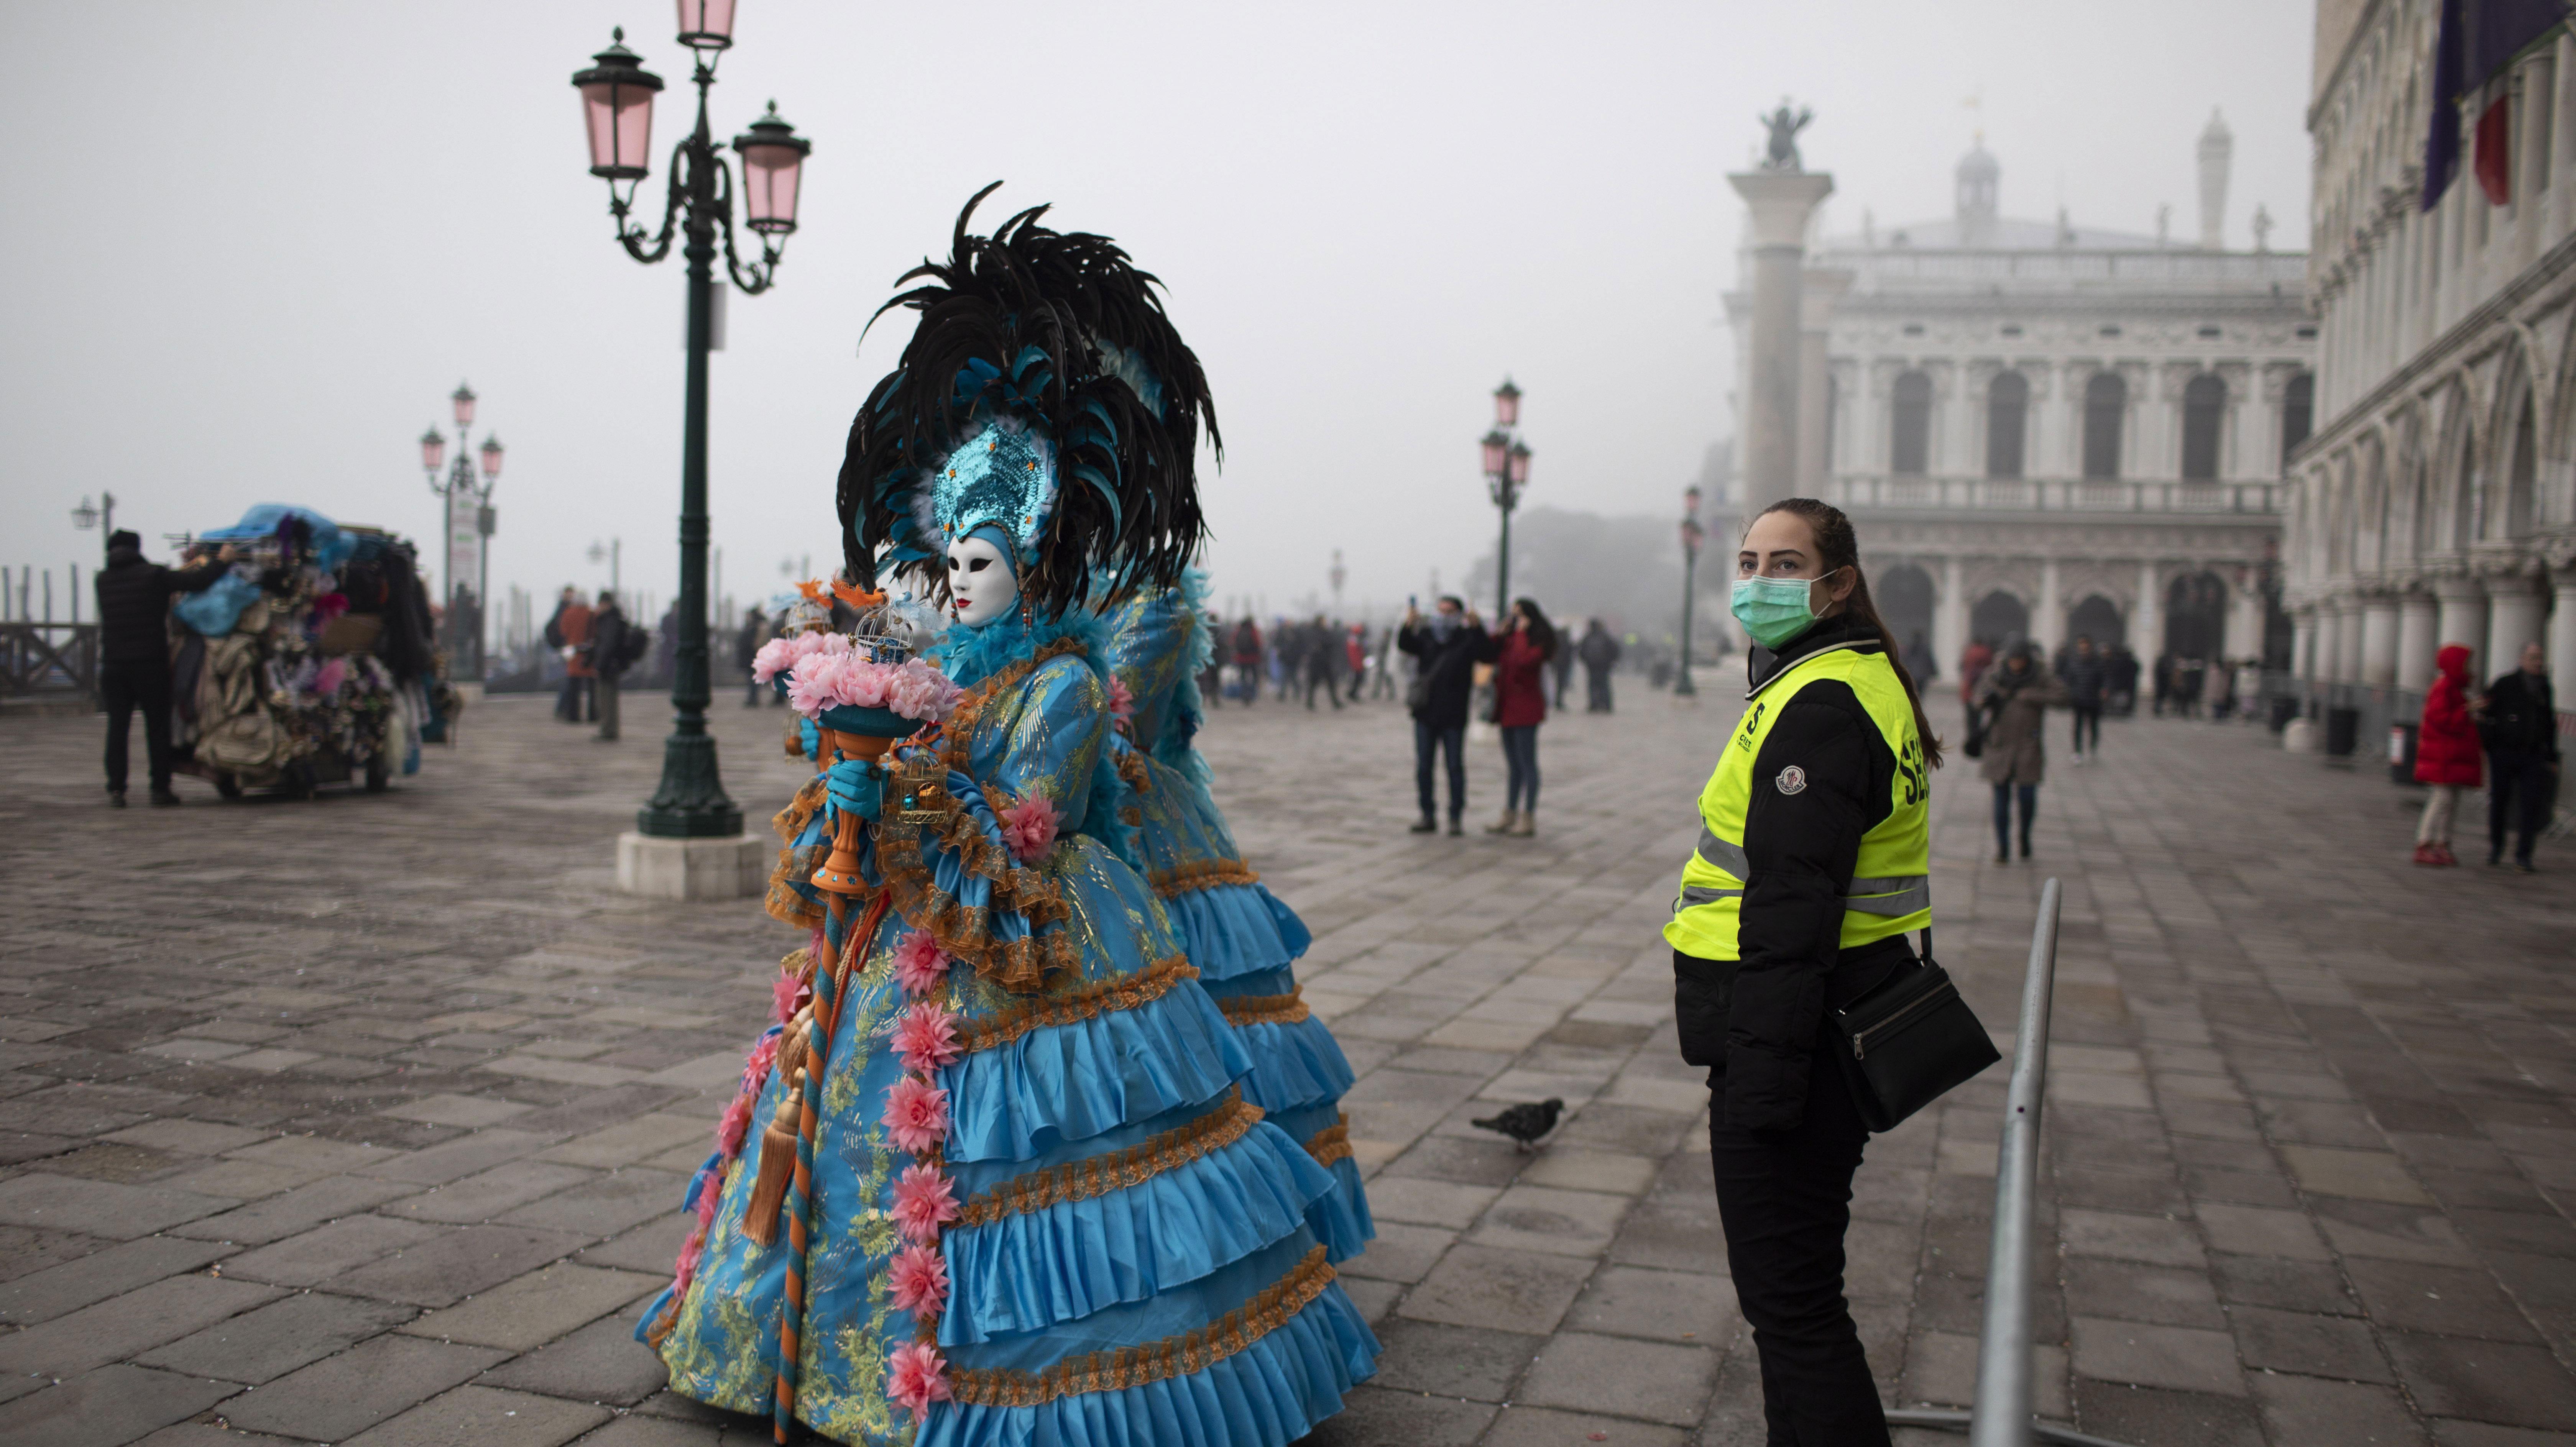 Coronavirus en Italia: Cancelan carnaval de Venecia y cierran escuelas en 3 regiones por temor a propagación de epidemia